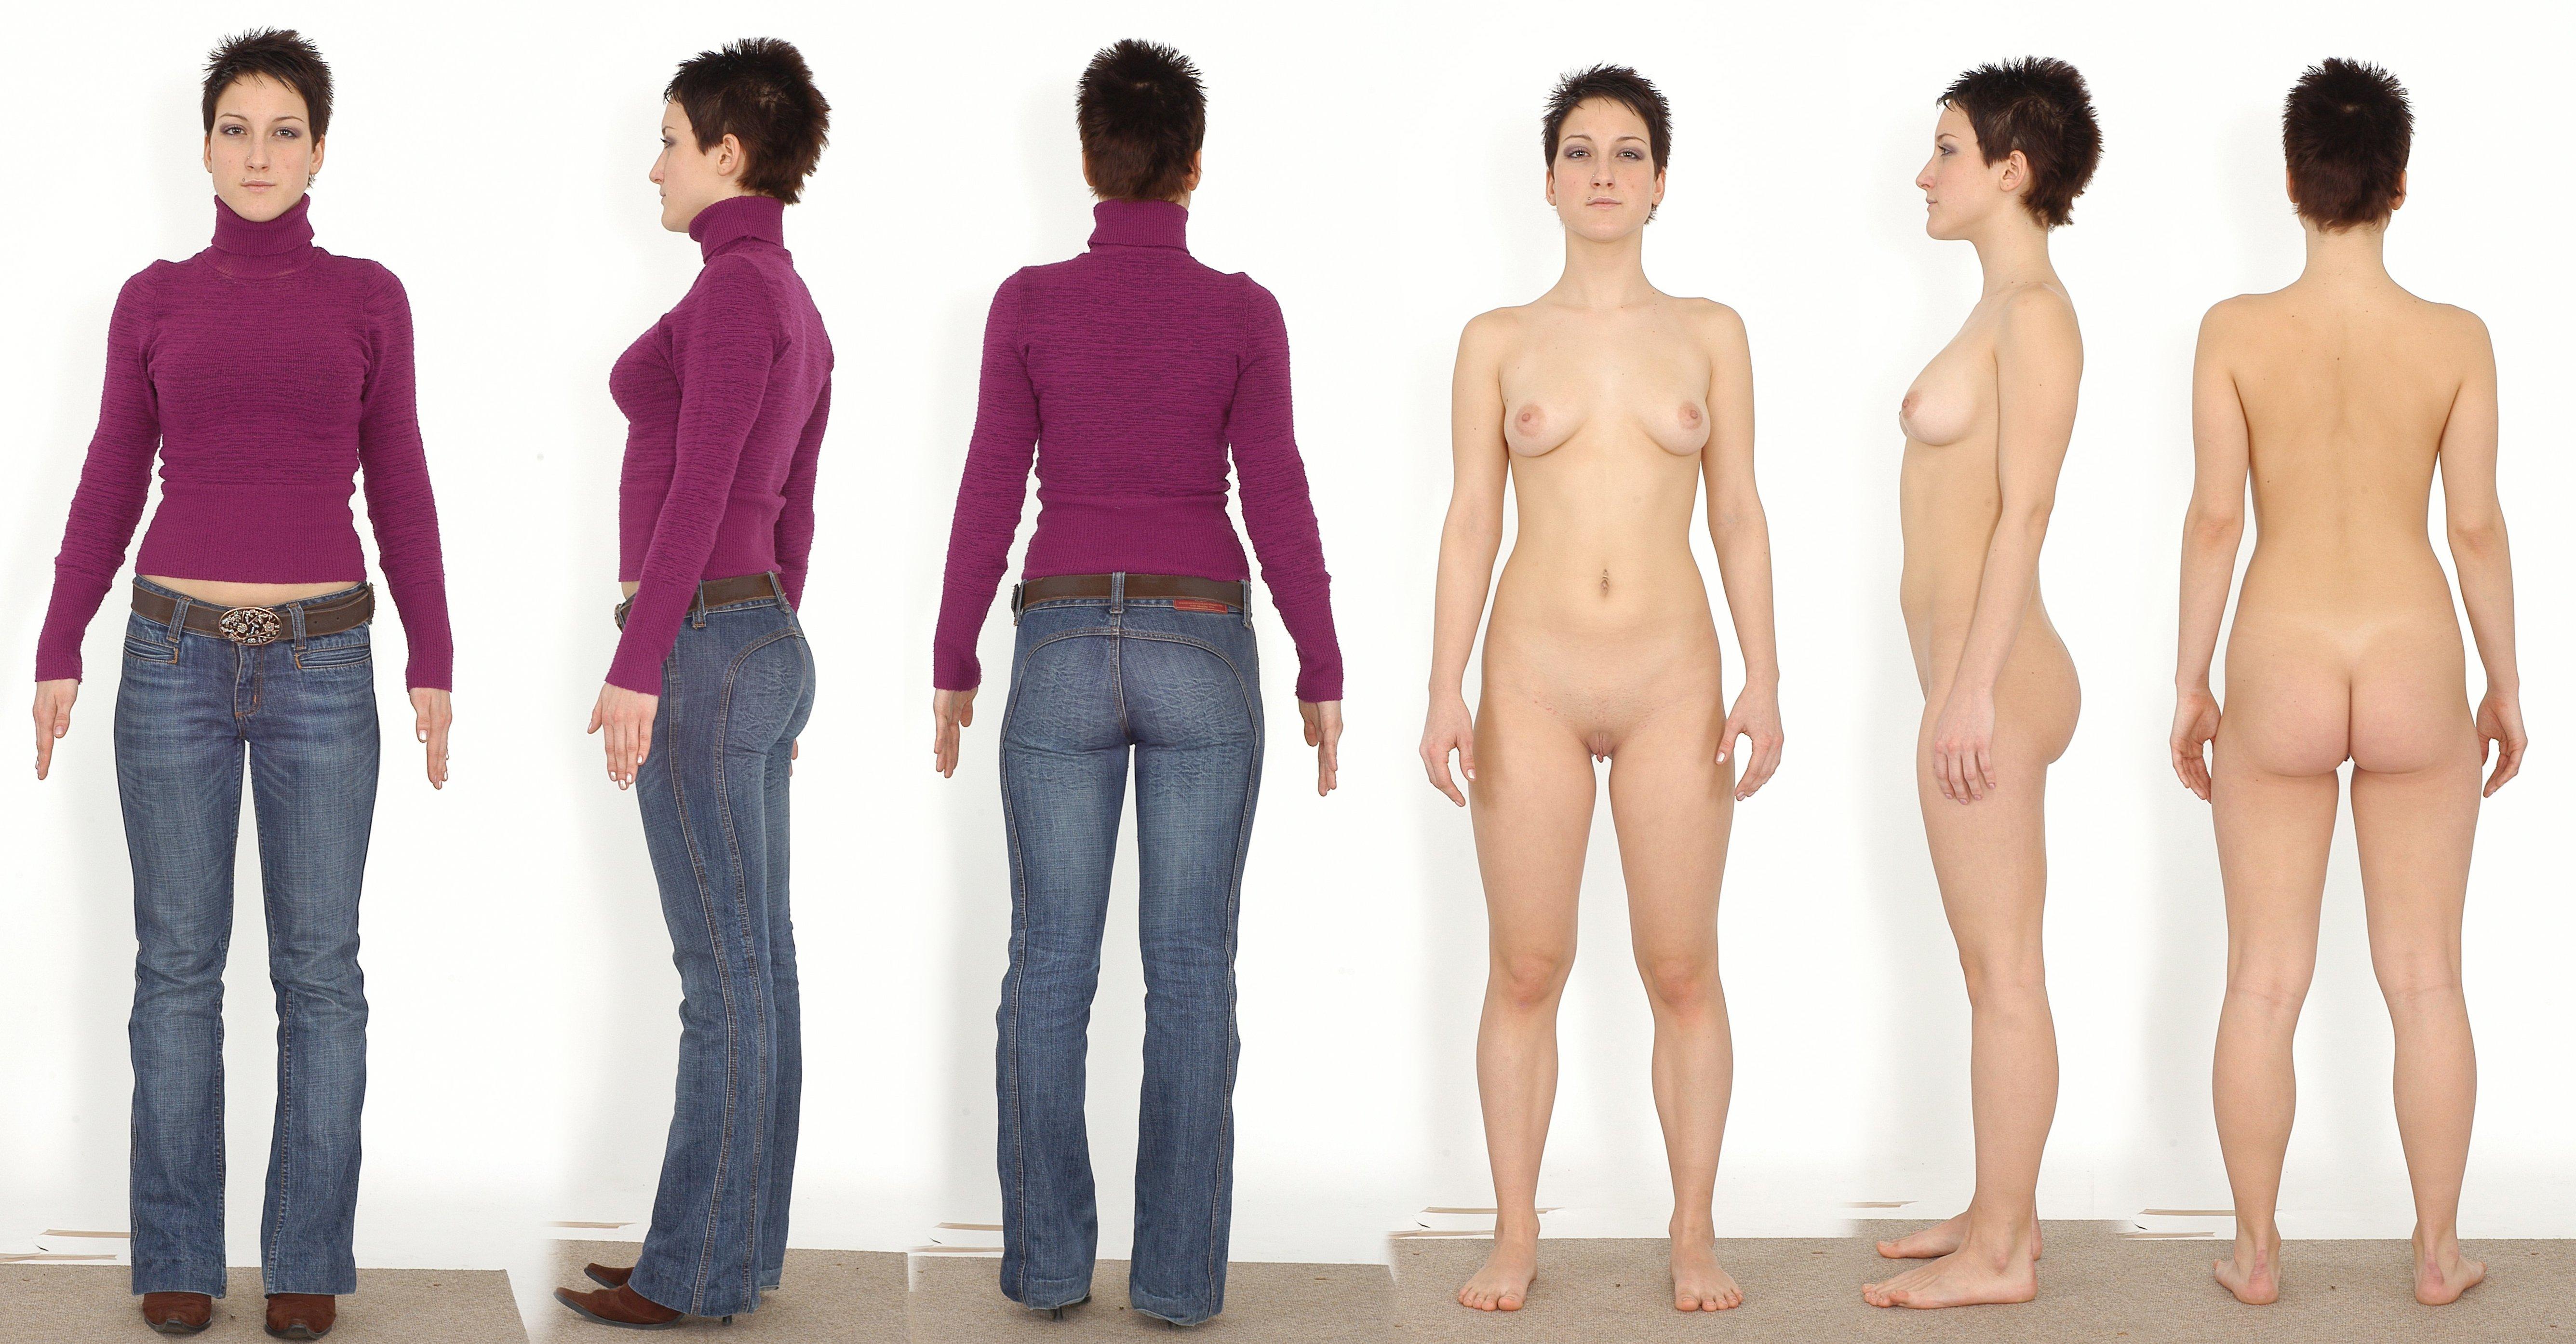 Сексуальная женщина умеет показывать свое тело с выгодных ракурсов, одеваясь в эротический прикид